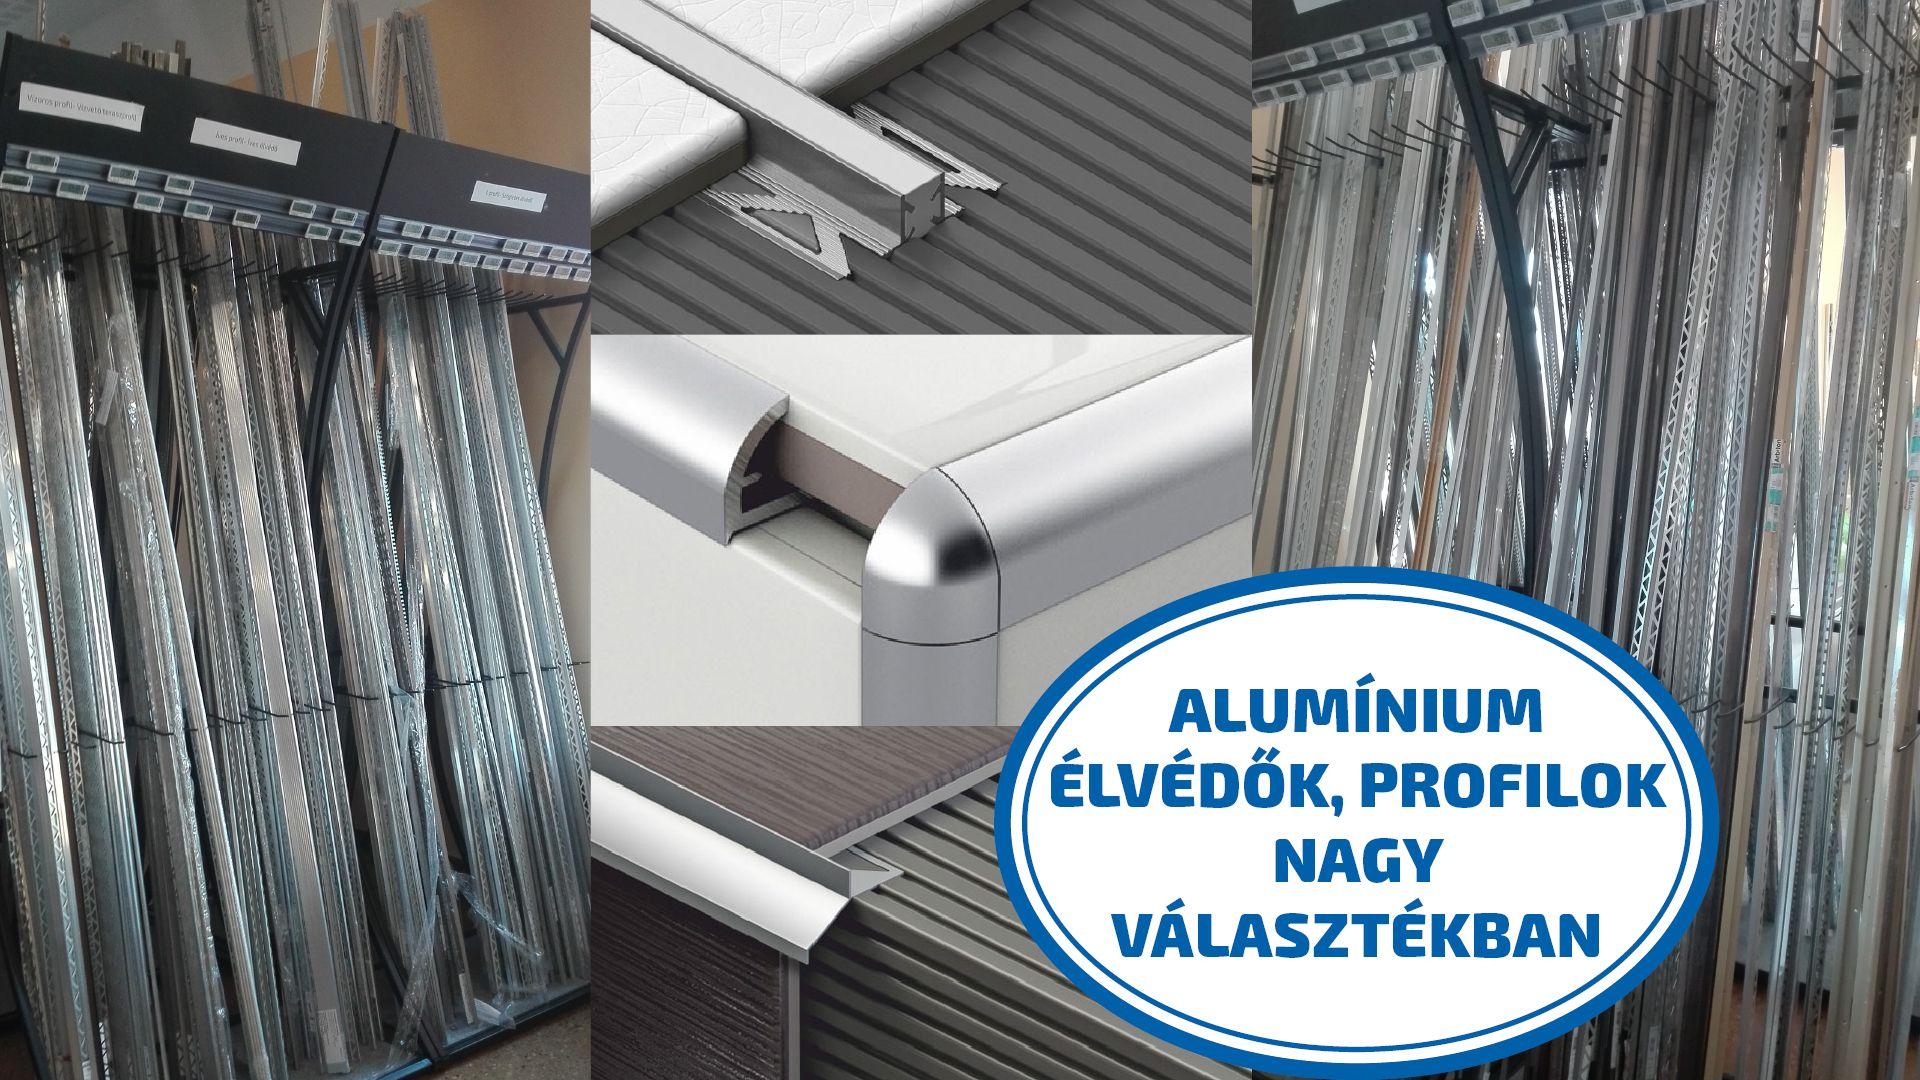 aluminium-elvedok-profilok.jpg